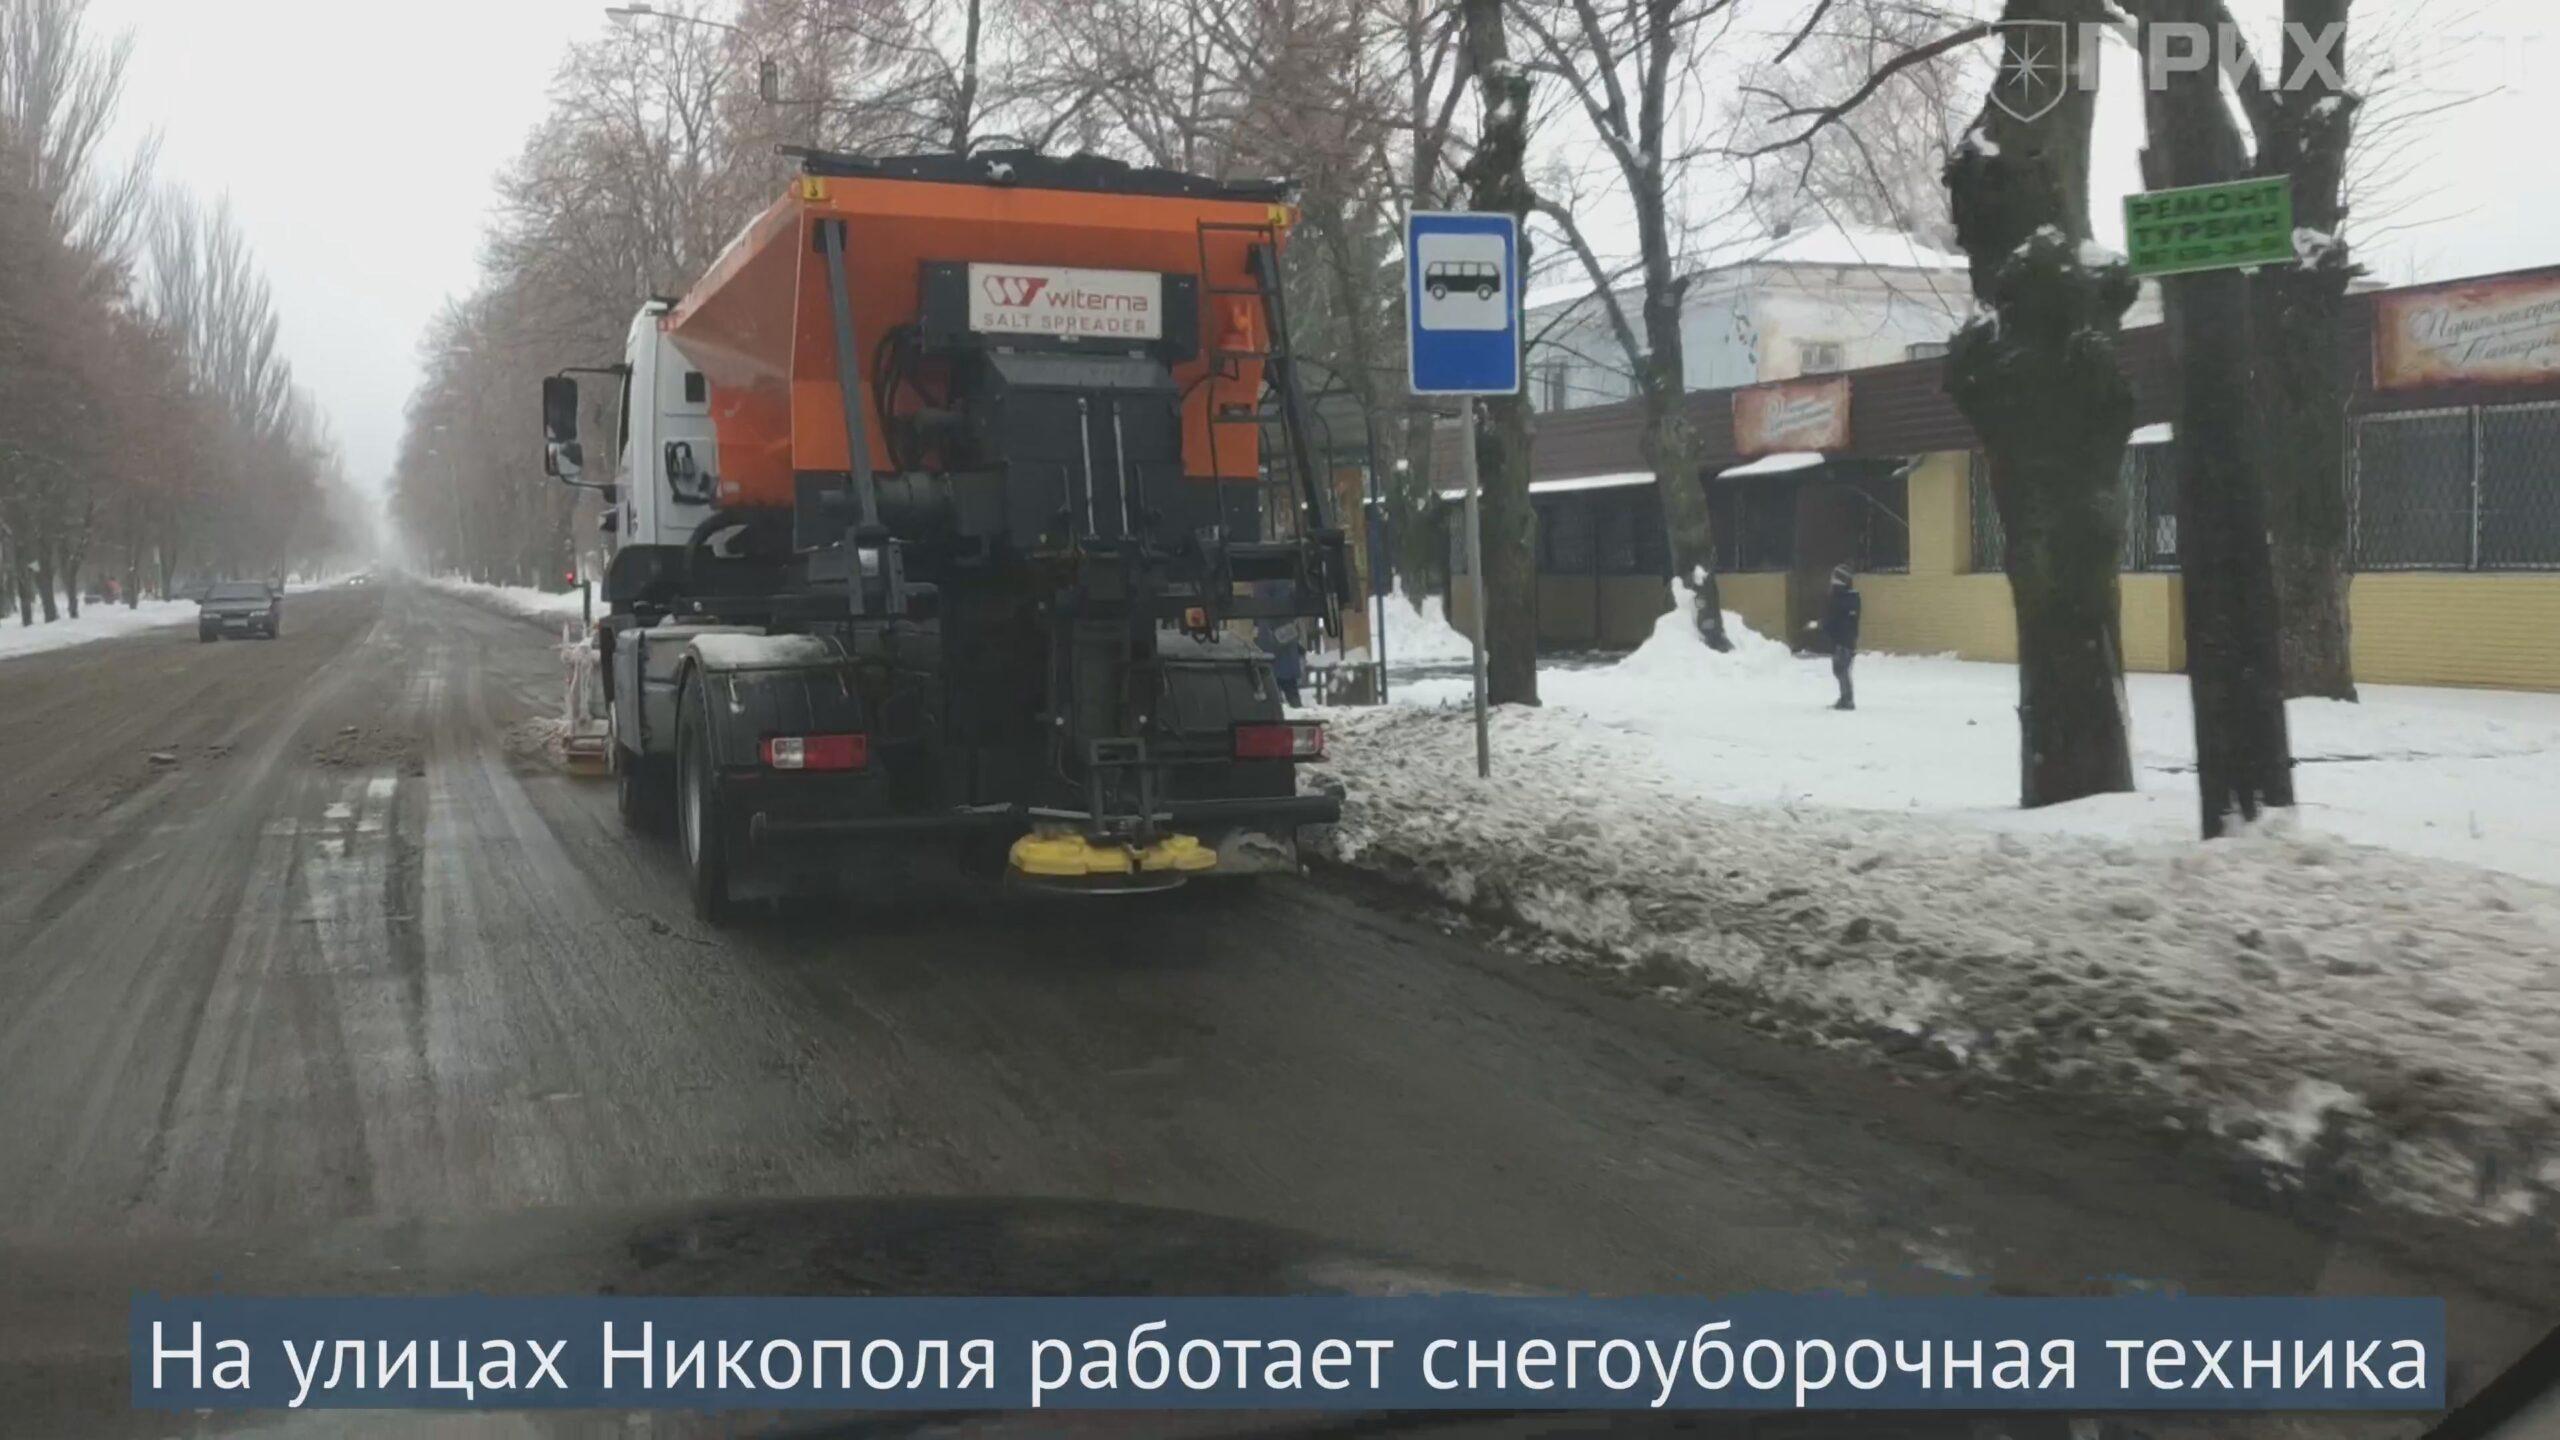 Состояние дорог никопольского региона после первого снега в 21-м году   Прихист